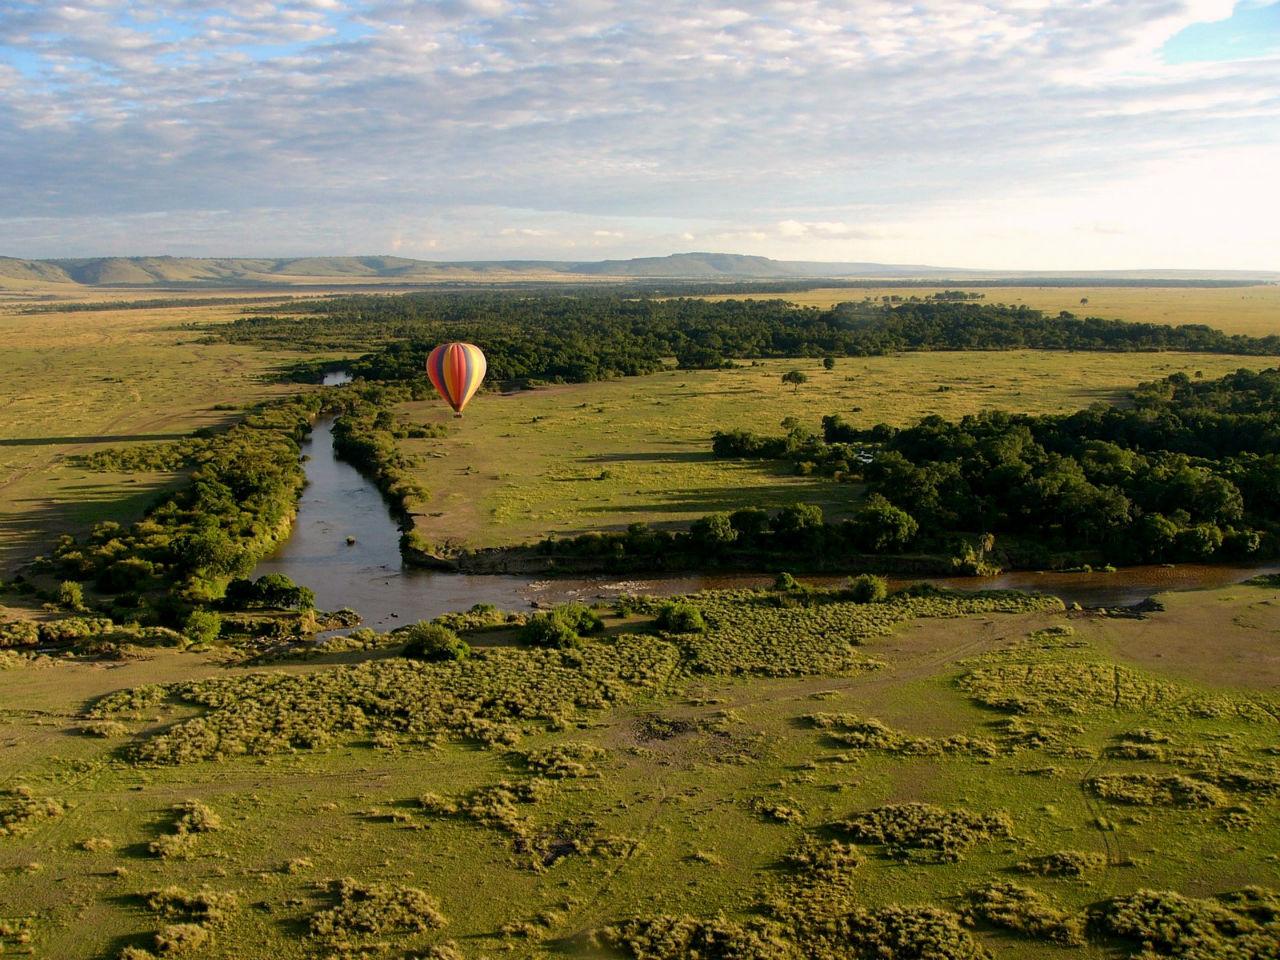 Osez parcourir les grands espaces  en montgolfière, dépaysement assuré à l'étranger